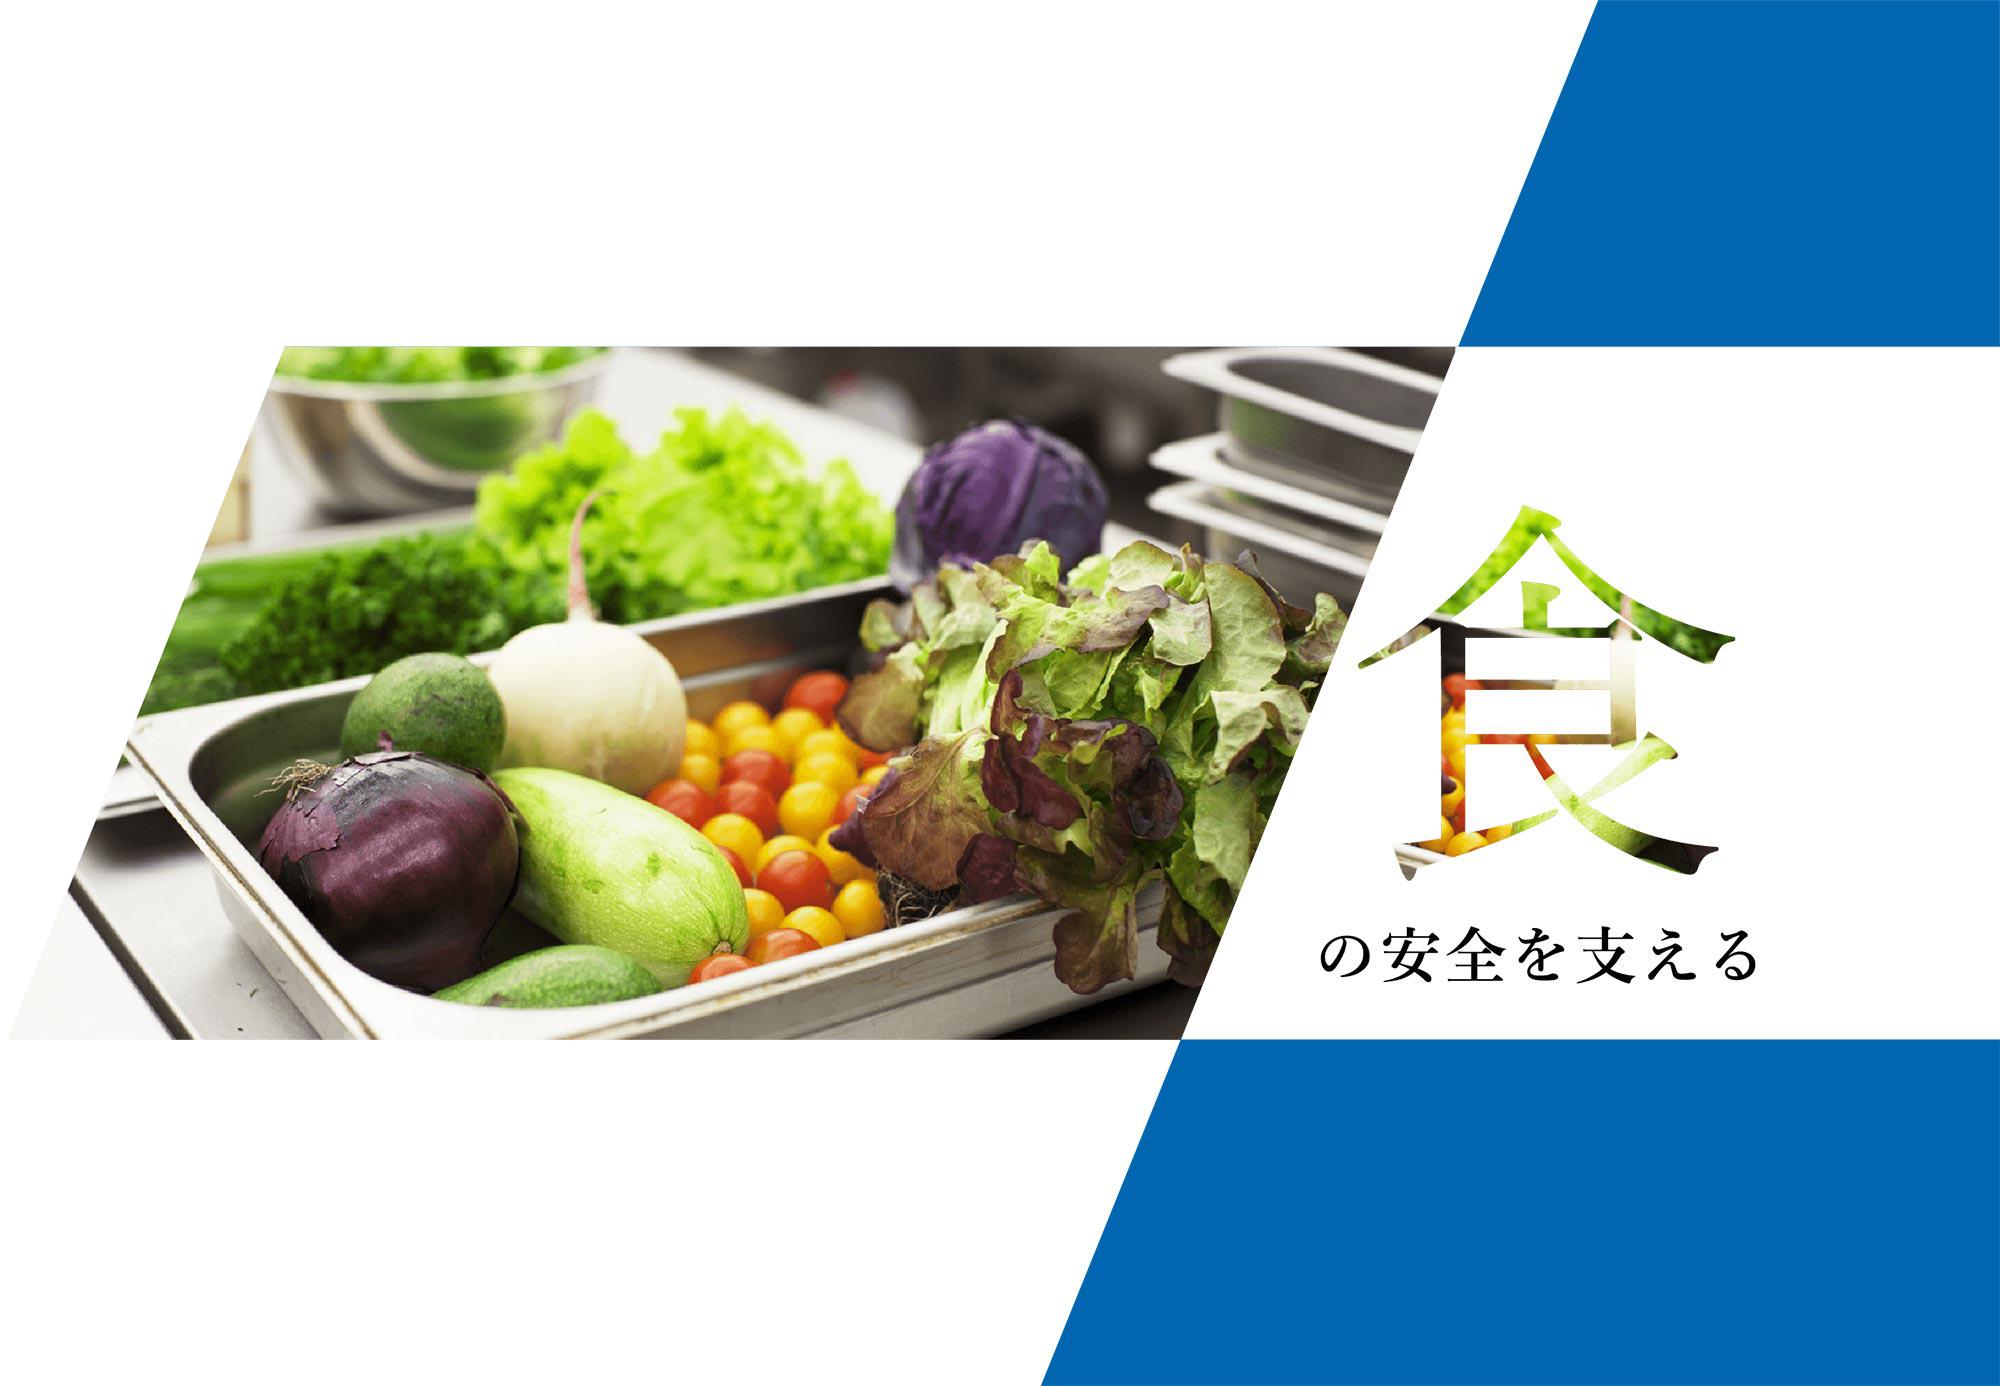 食の安全を支える